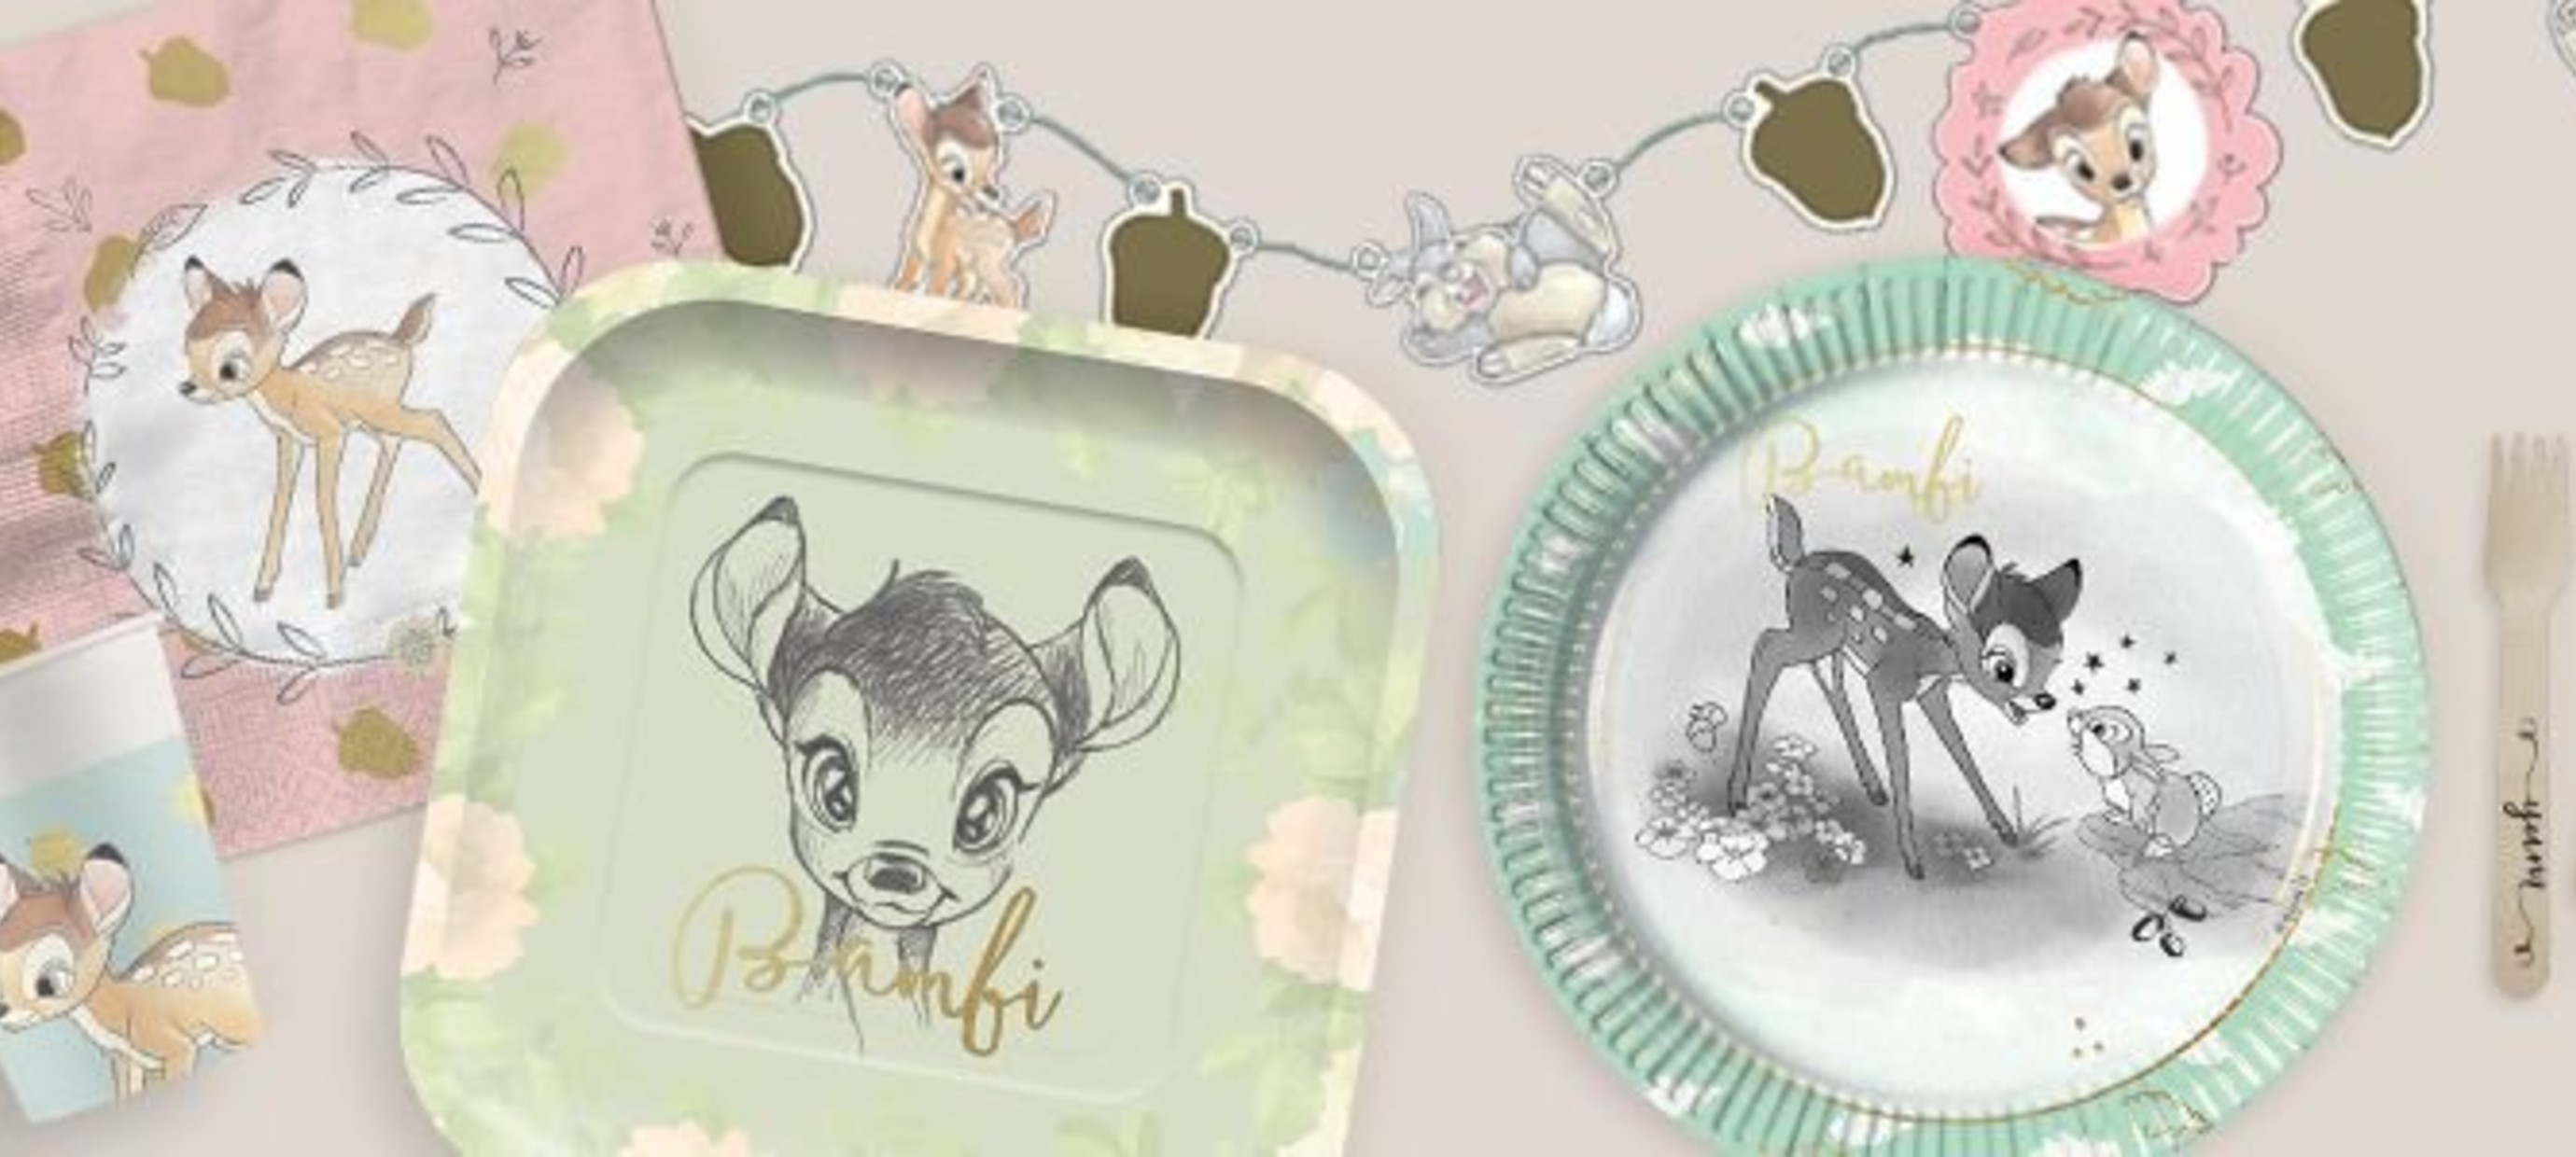 Bambi feestartikelen | Brand new